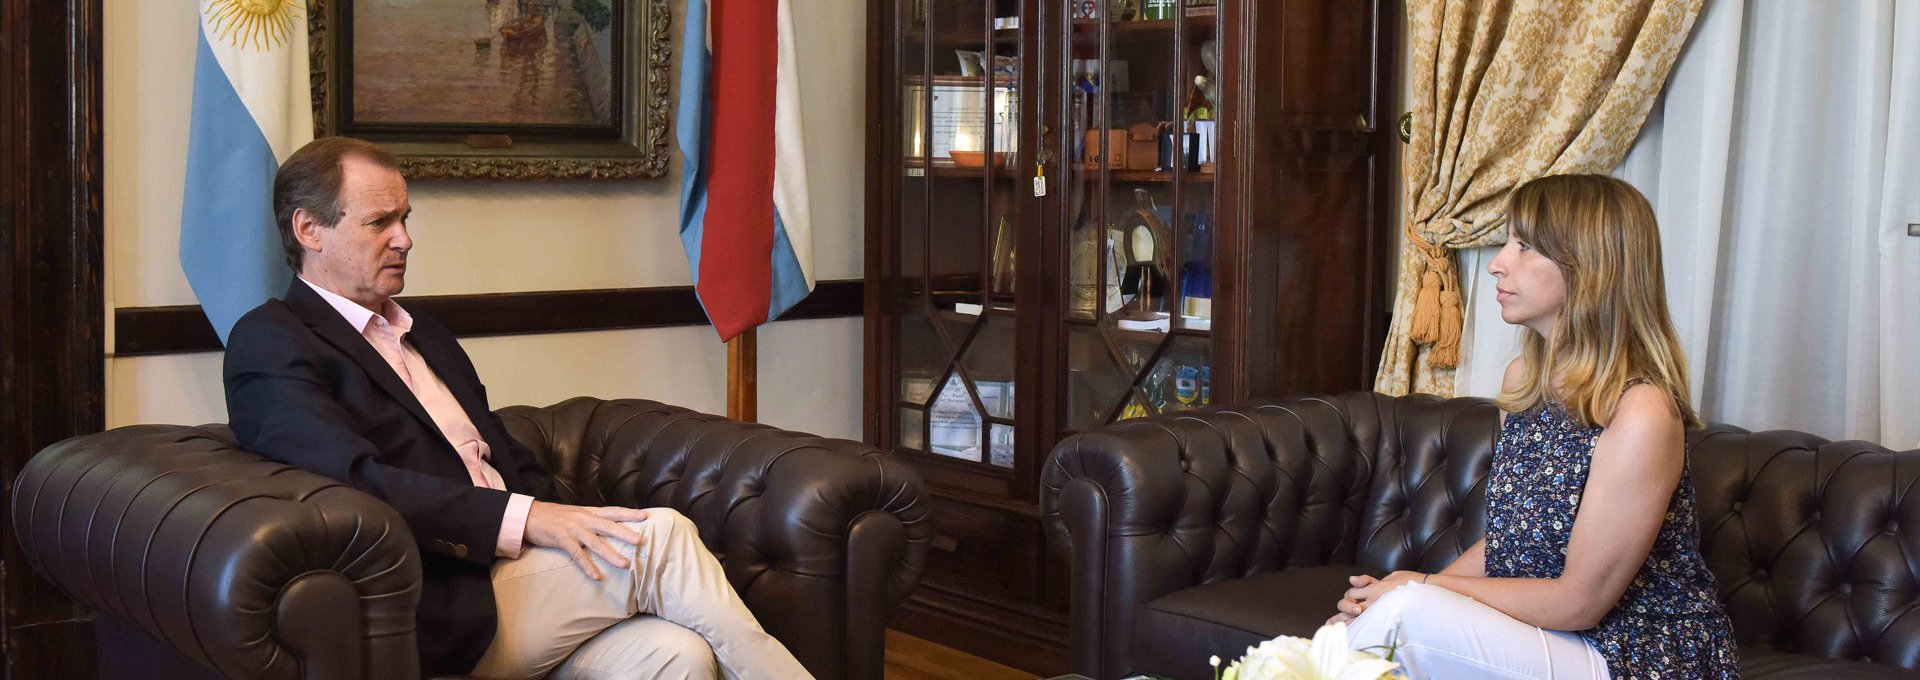 - El gobernador Gustavo Bordet trabaja en intensificar desde el Ministerio de Desarrollo Social la generación de herramientas de desarrollo, más allá de mitigar las situaciones de desigualdad